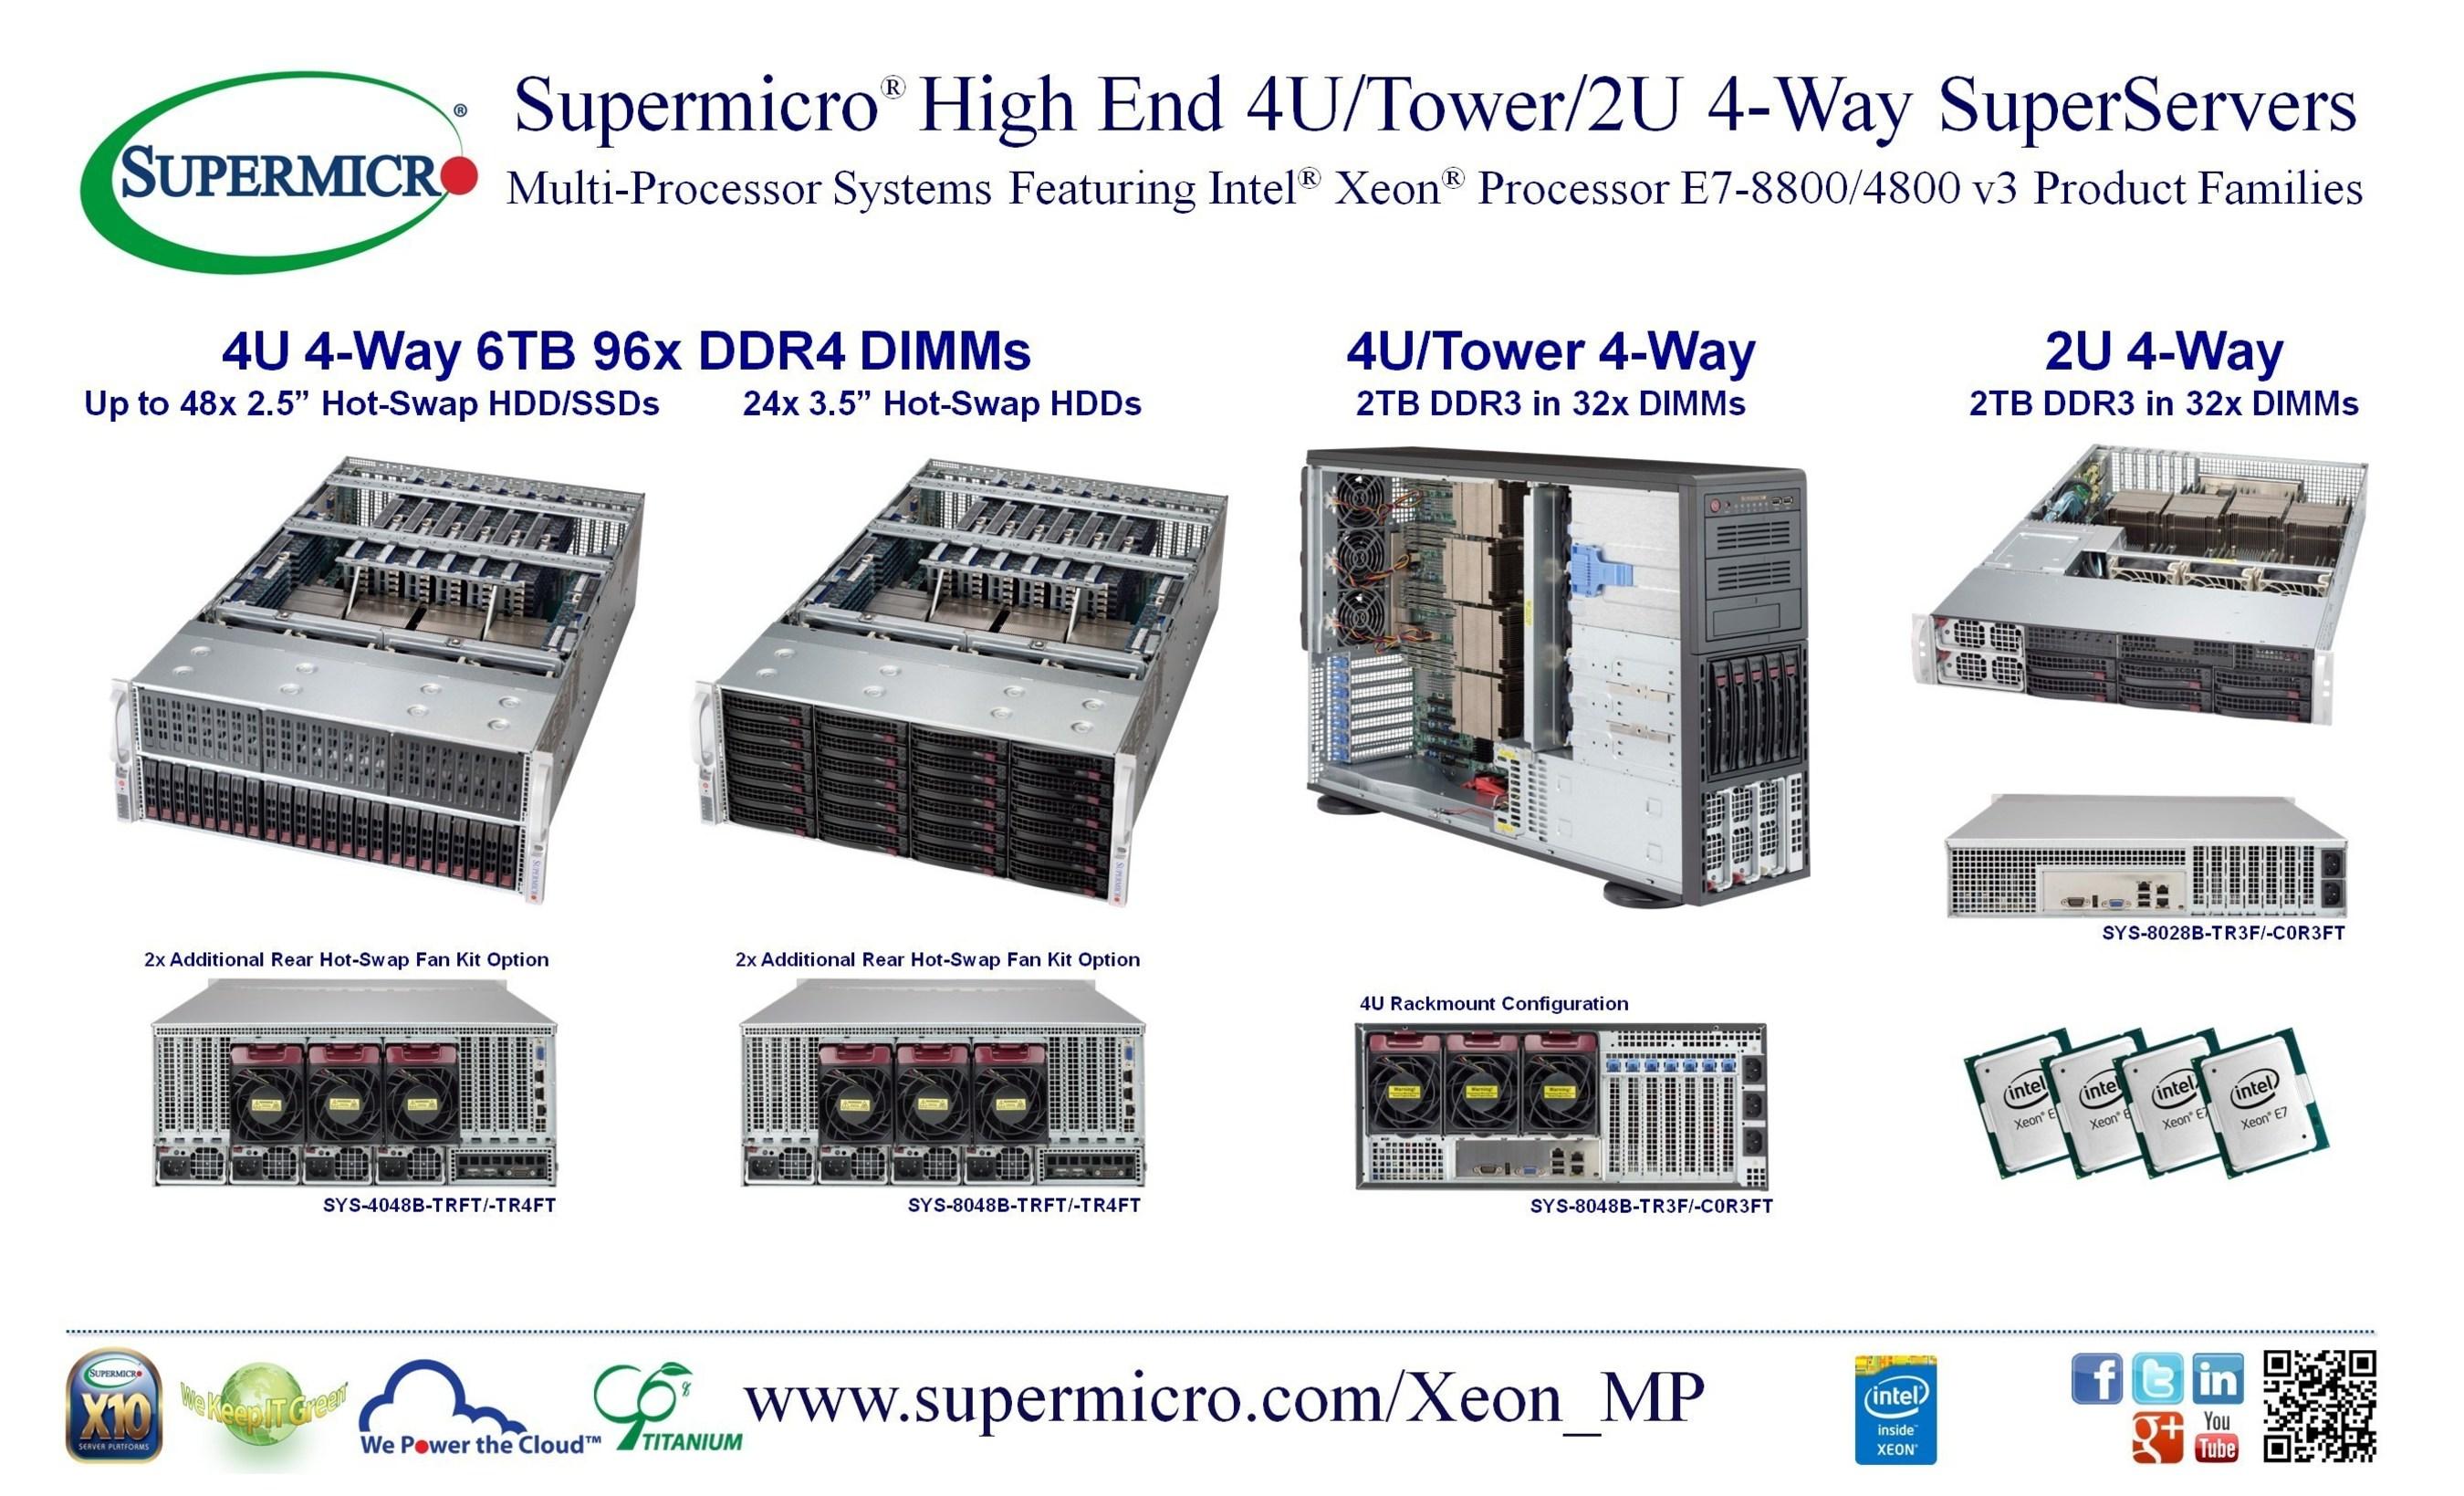 Supermicro® lancia nuove soluzioni SuperServer® 4-way high end che supportano un massimo di 6 TB di